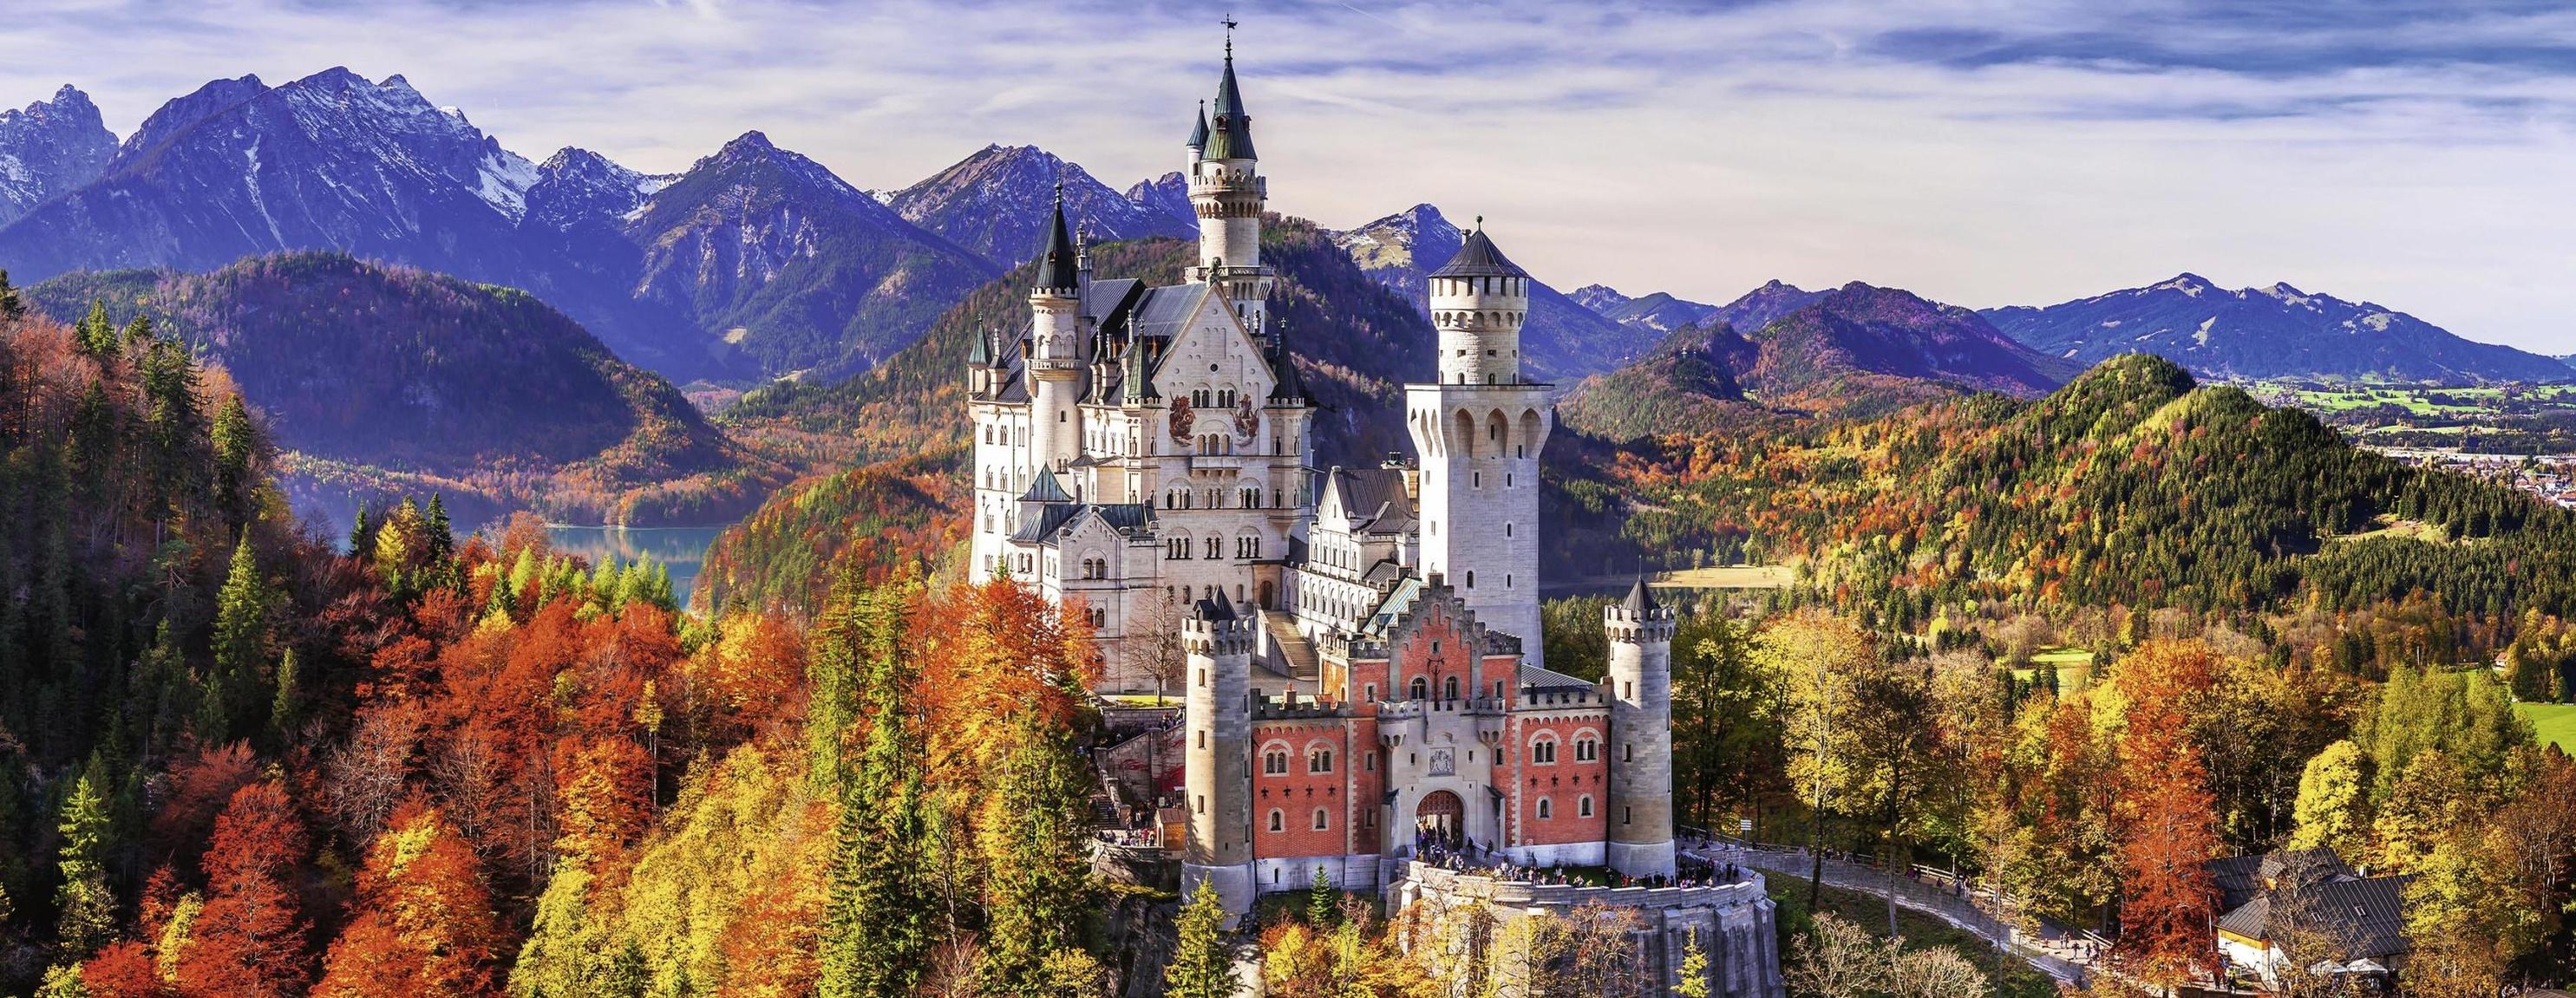 Schloss Neuschwanstein Puzzle Jetzt Bei Weltbild De Bestellen